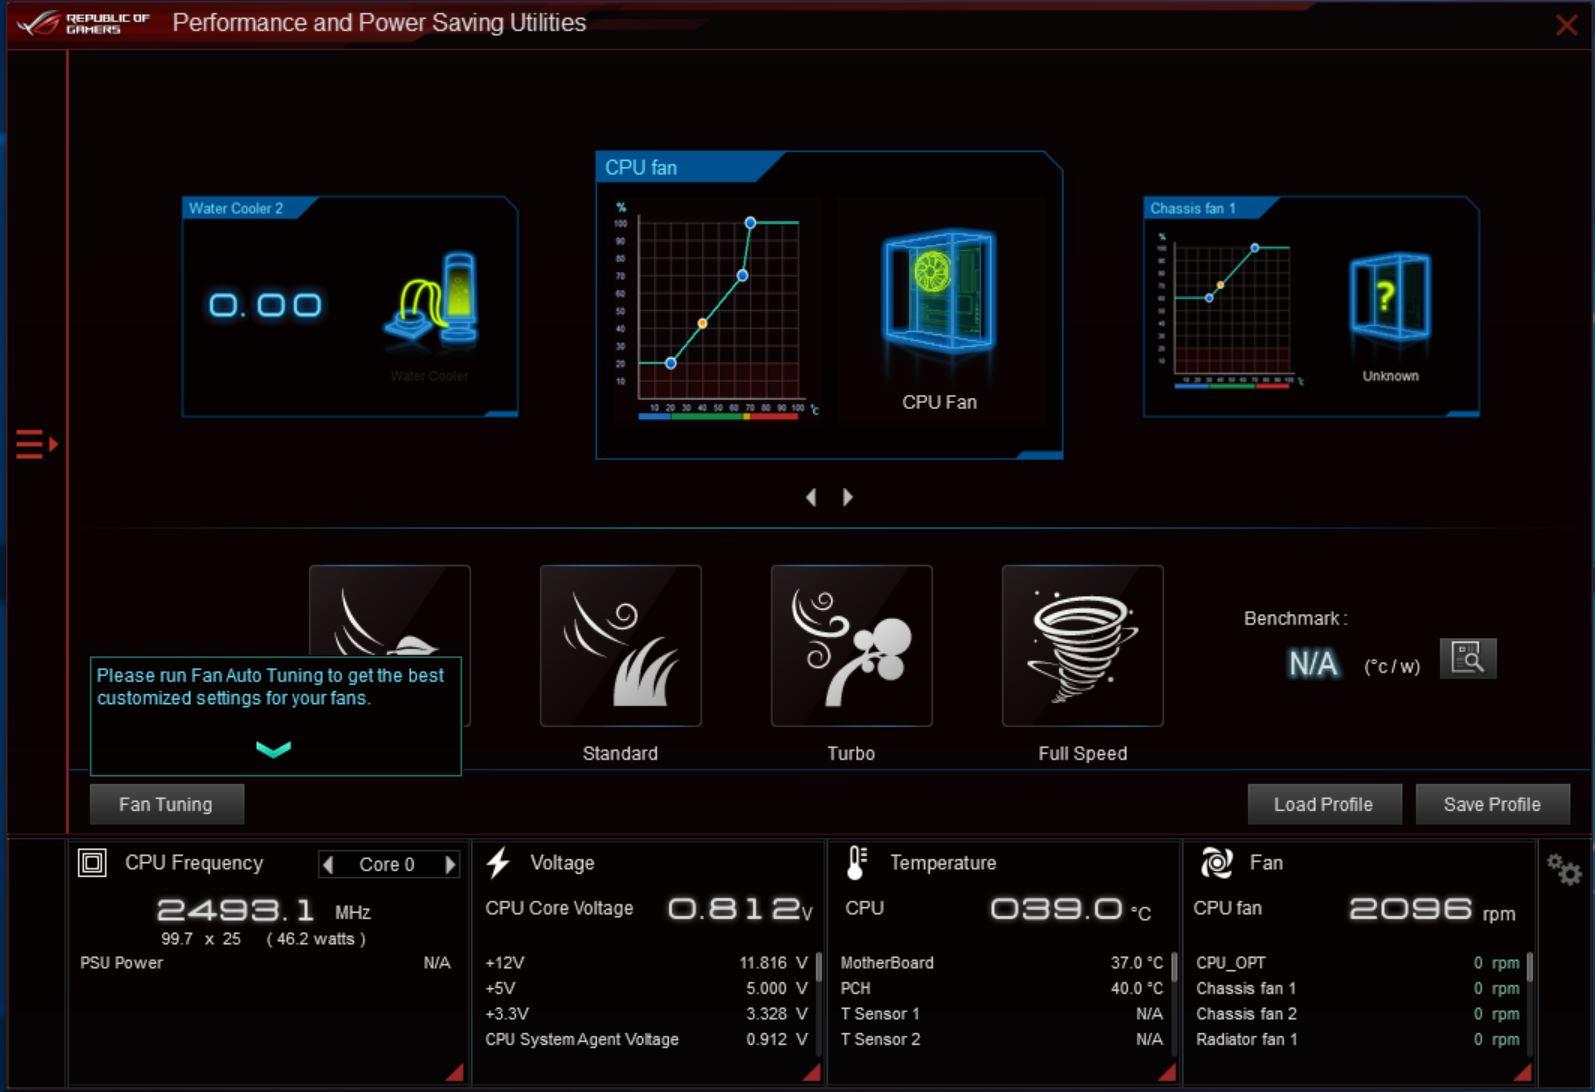 ASUS ROG Dominus Extreme ASUS AI Suite 3 2